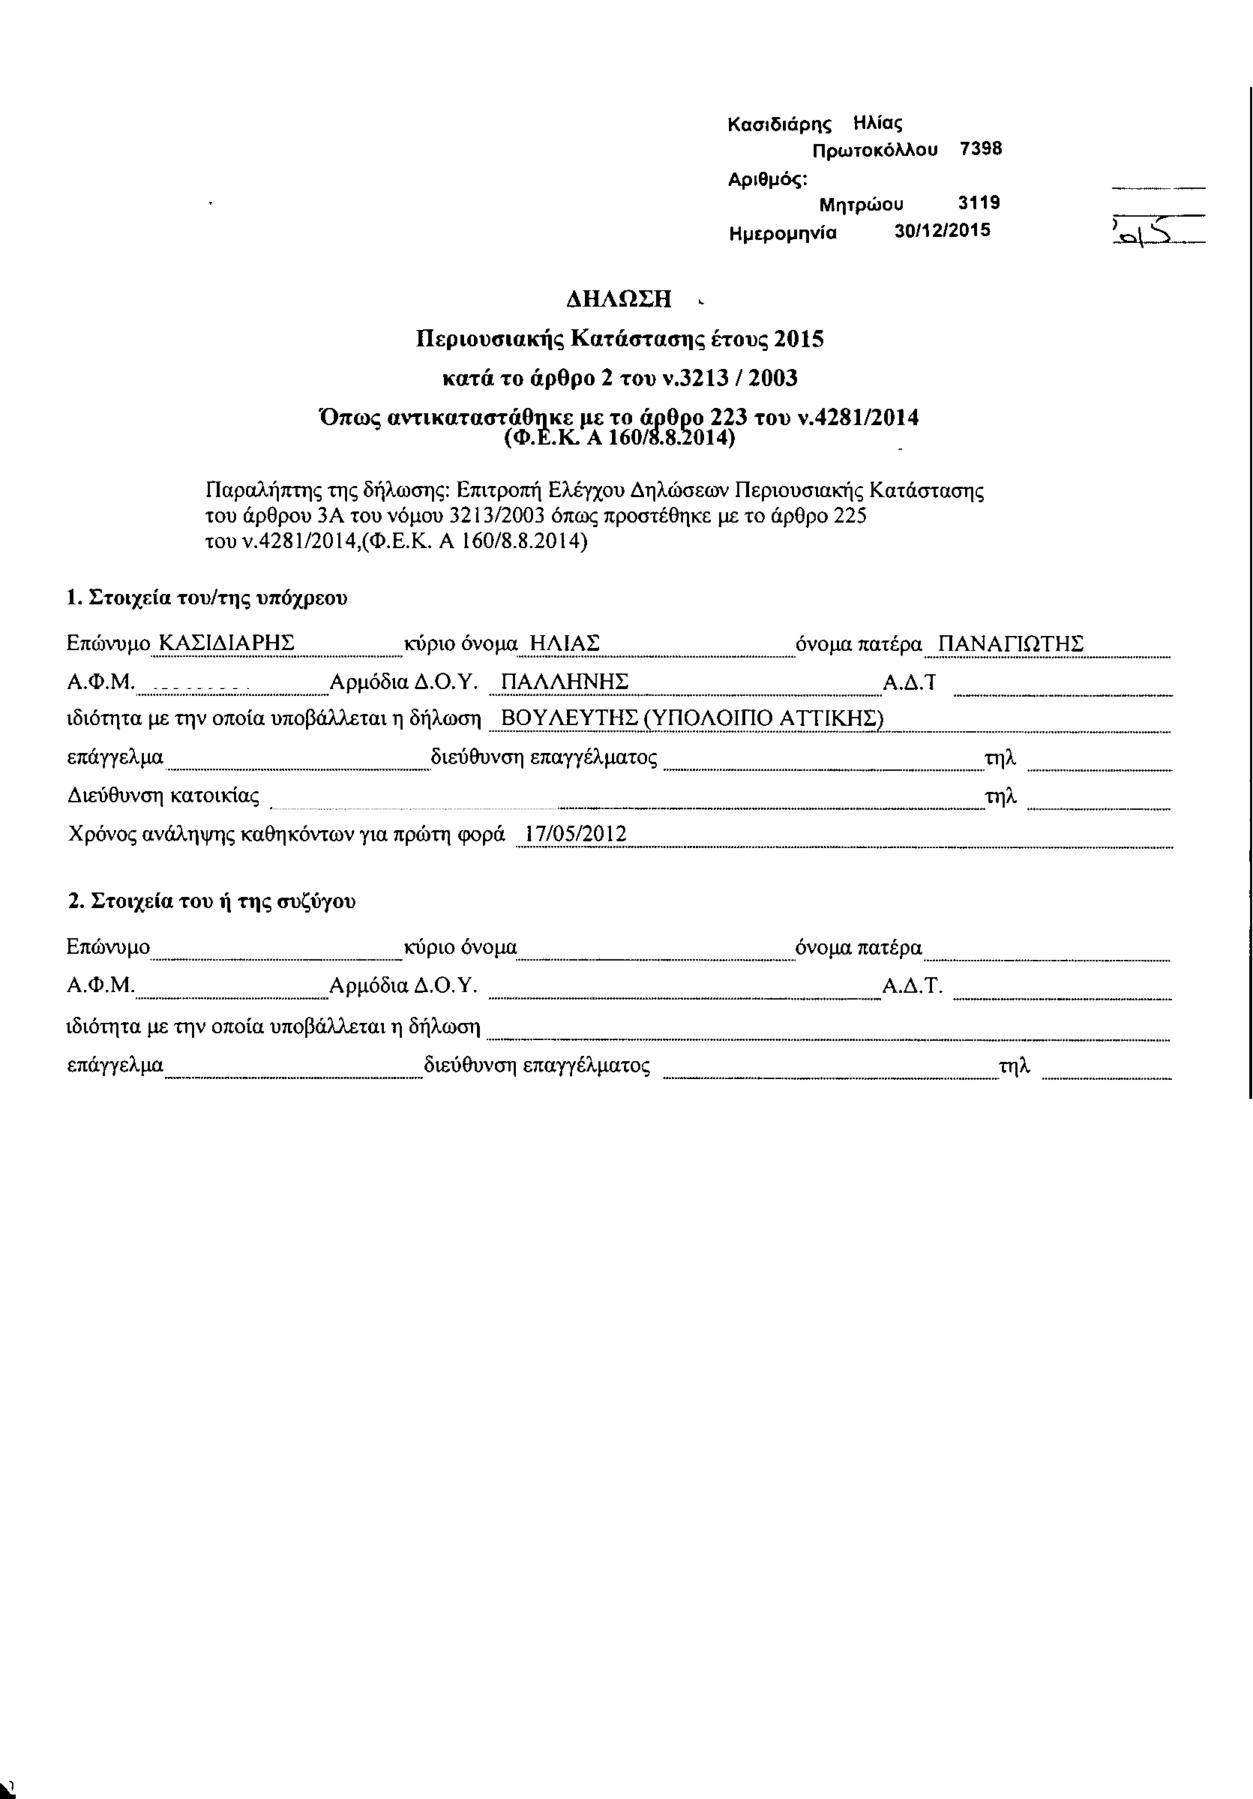 KASIDIARIS_ILIAS_7398-page-001